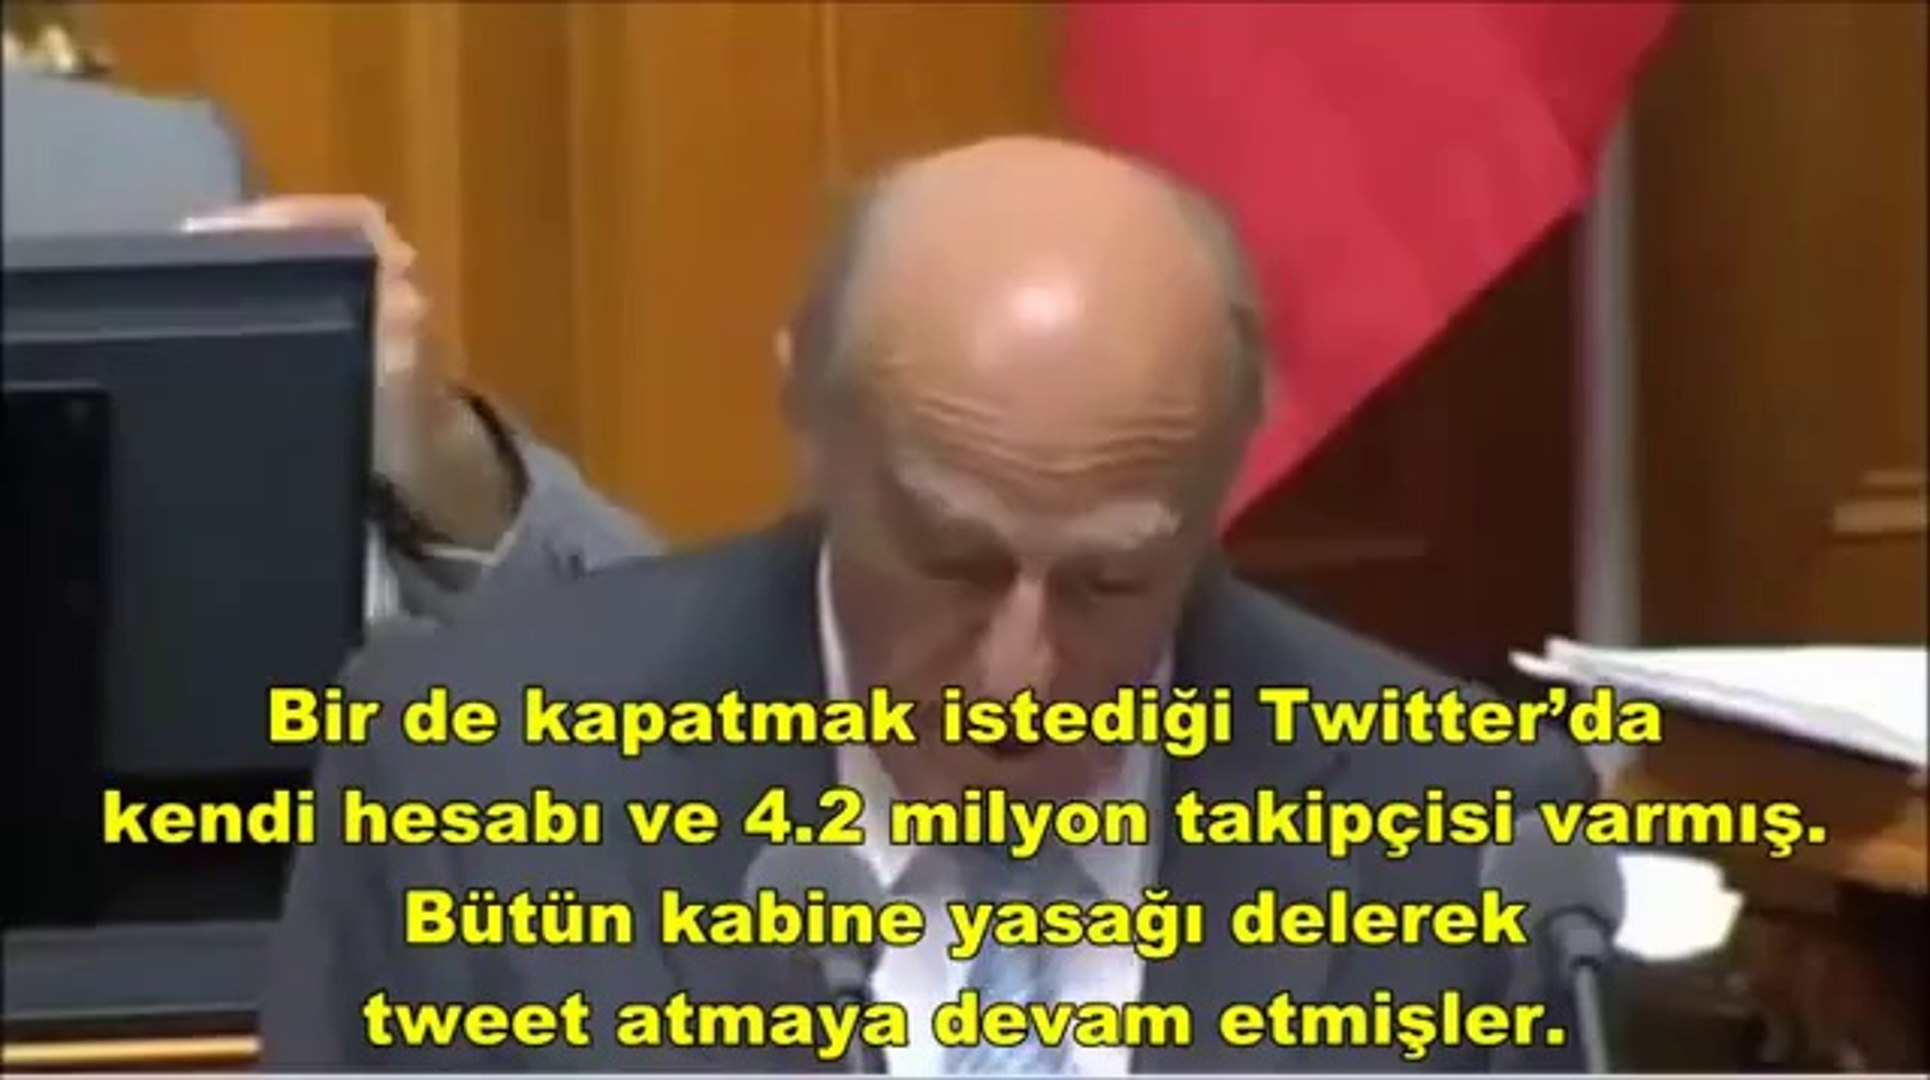 İsviçreli Bakanın Twitter Yasağını Anlatırken Gülme Krizine Girmesi By Daraske